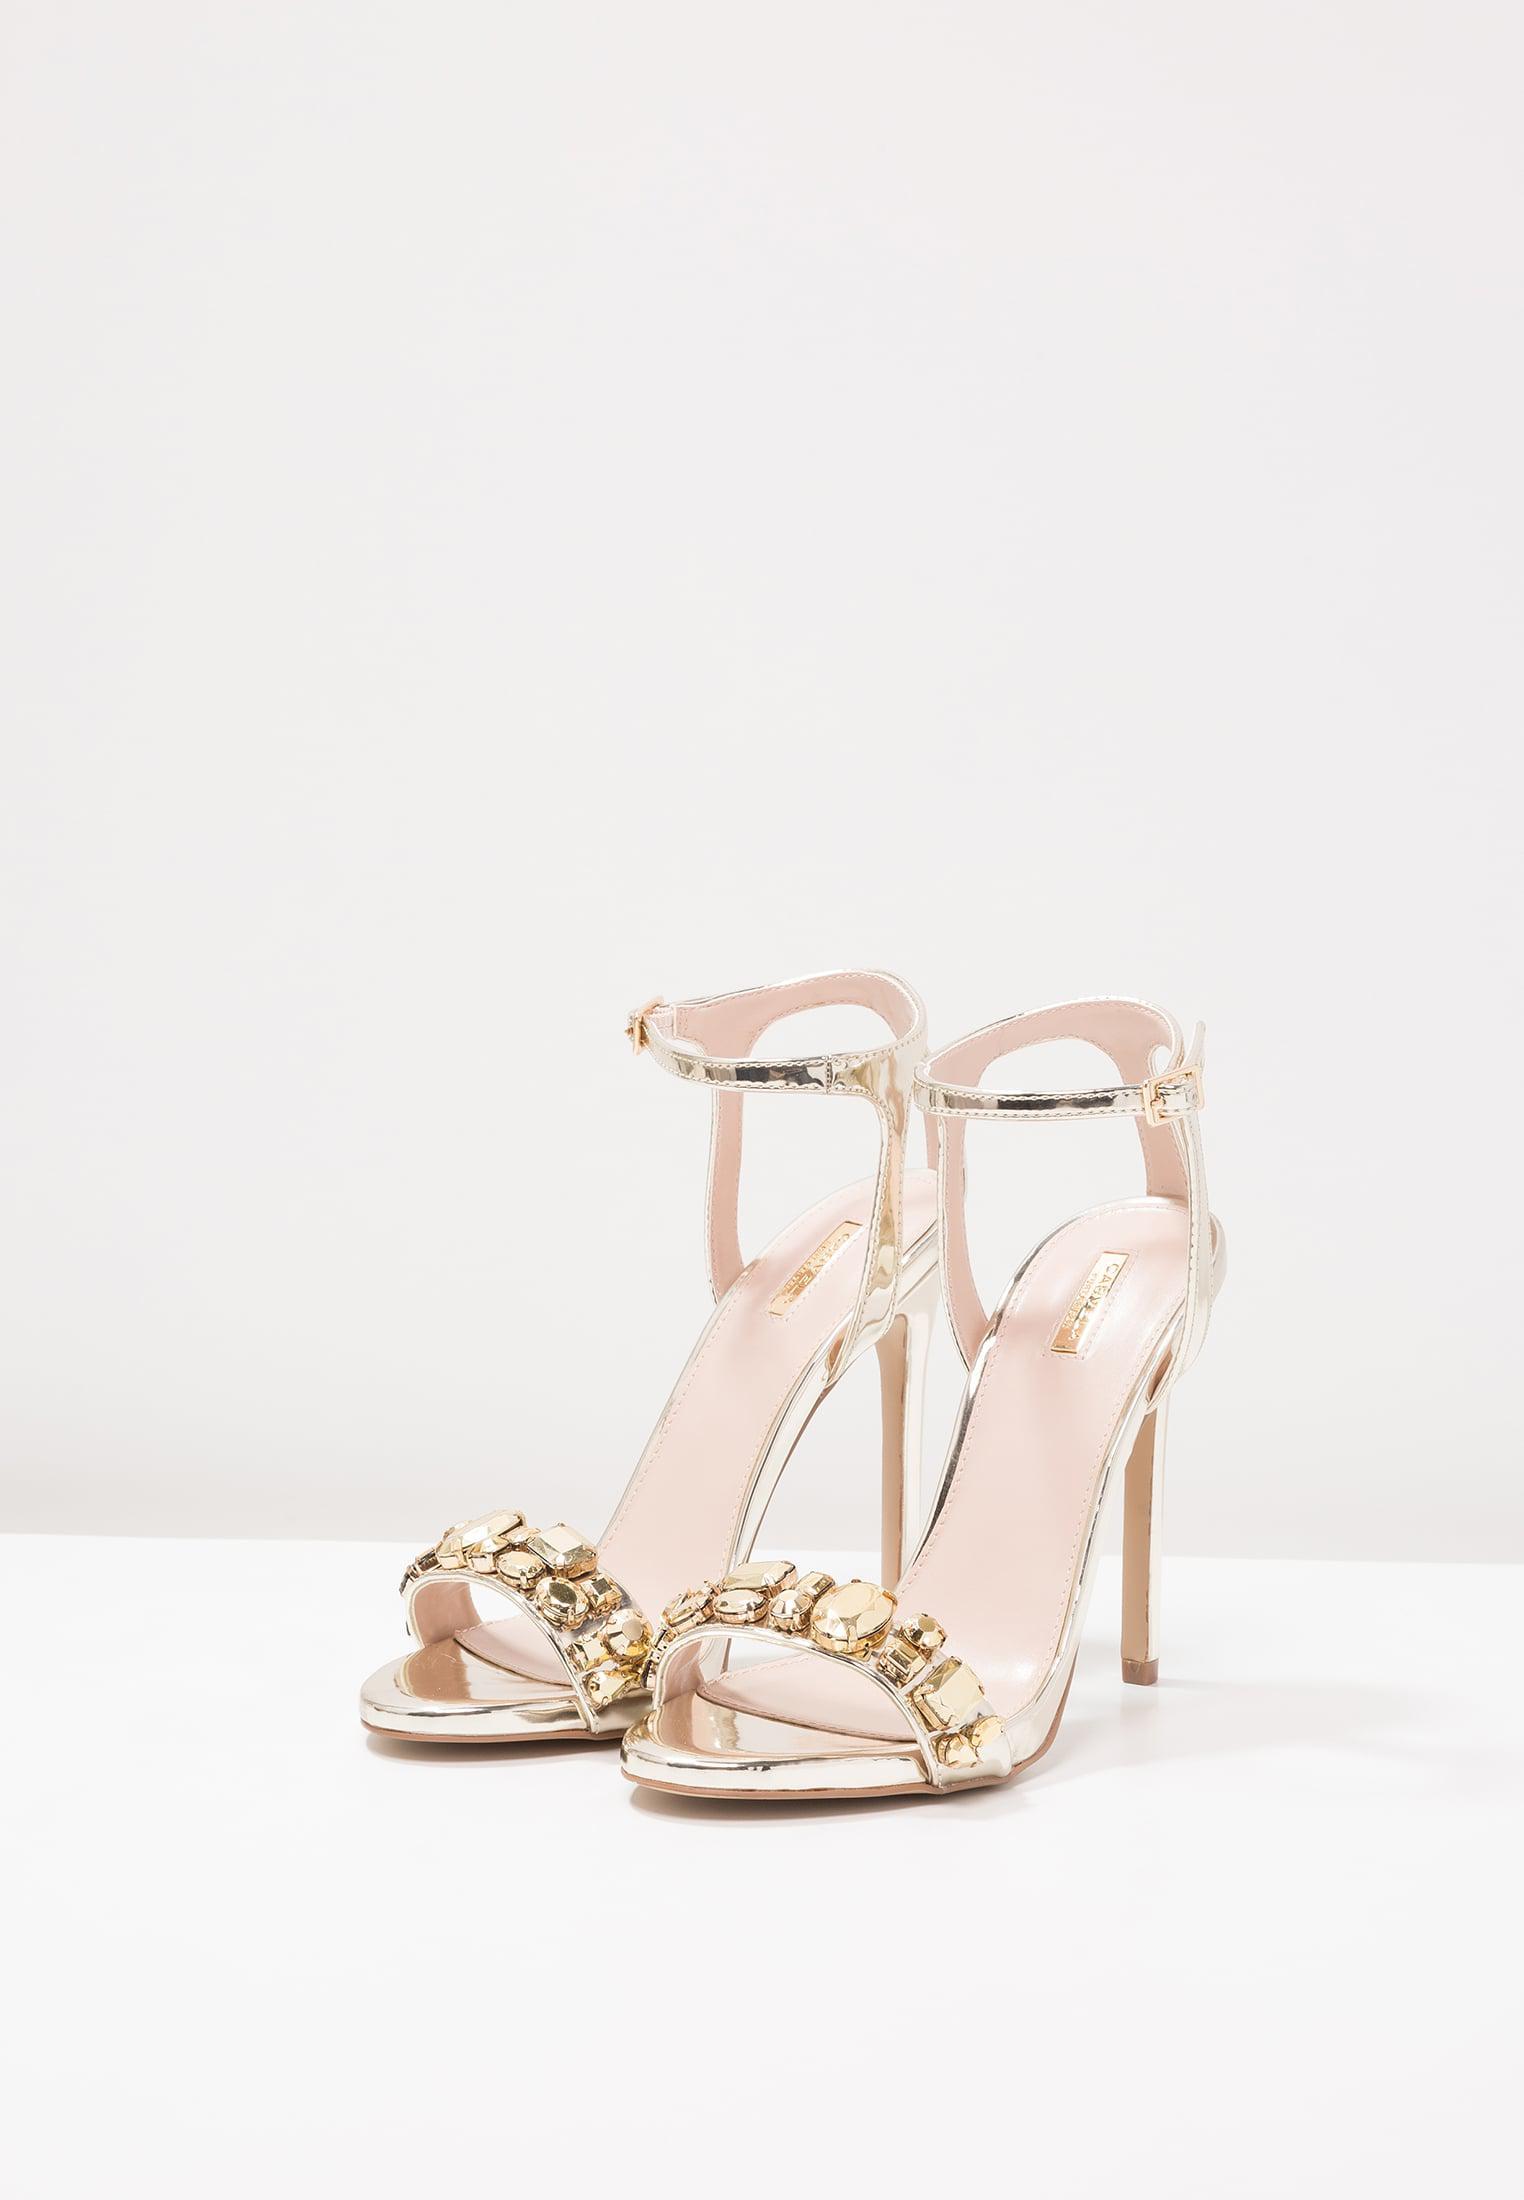 799dd3745d2e Carvela kurt geiger Gail High Heeled Sandals in Metallic